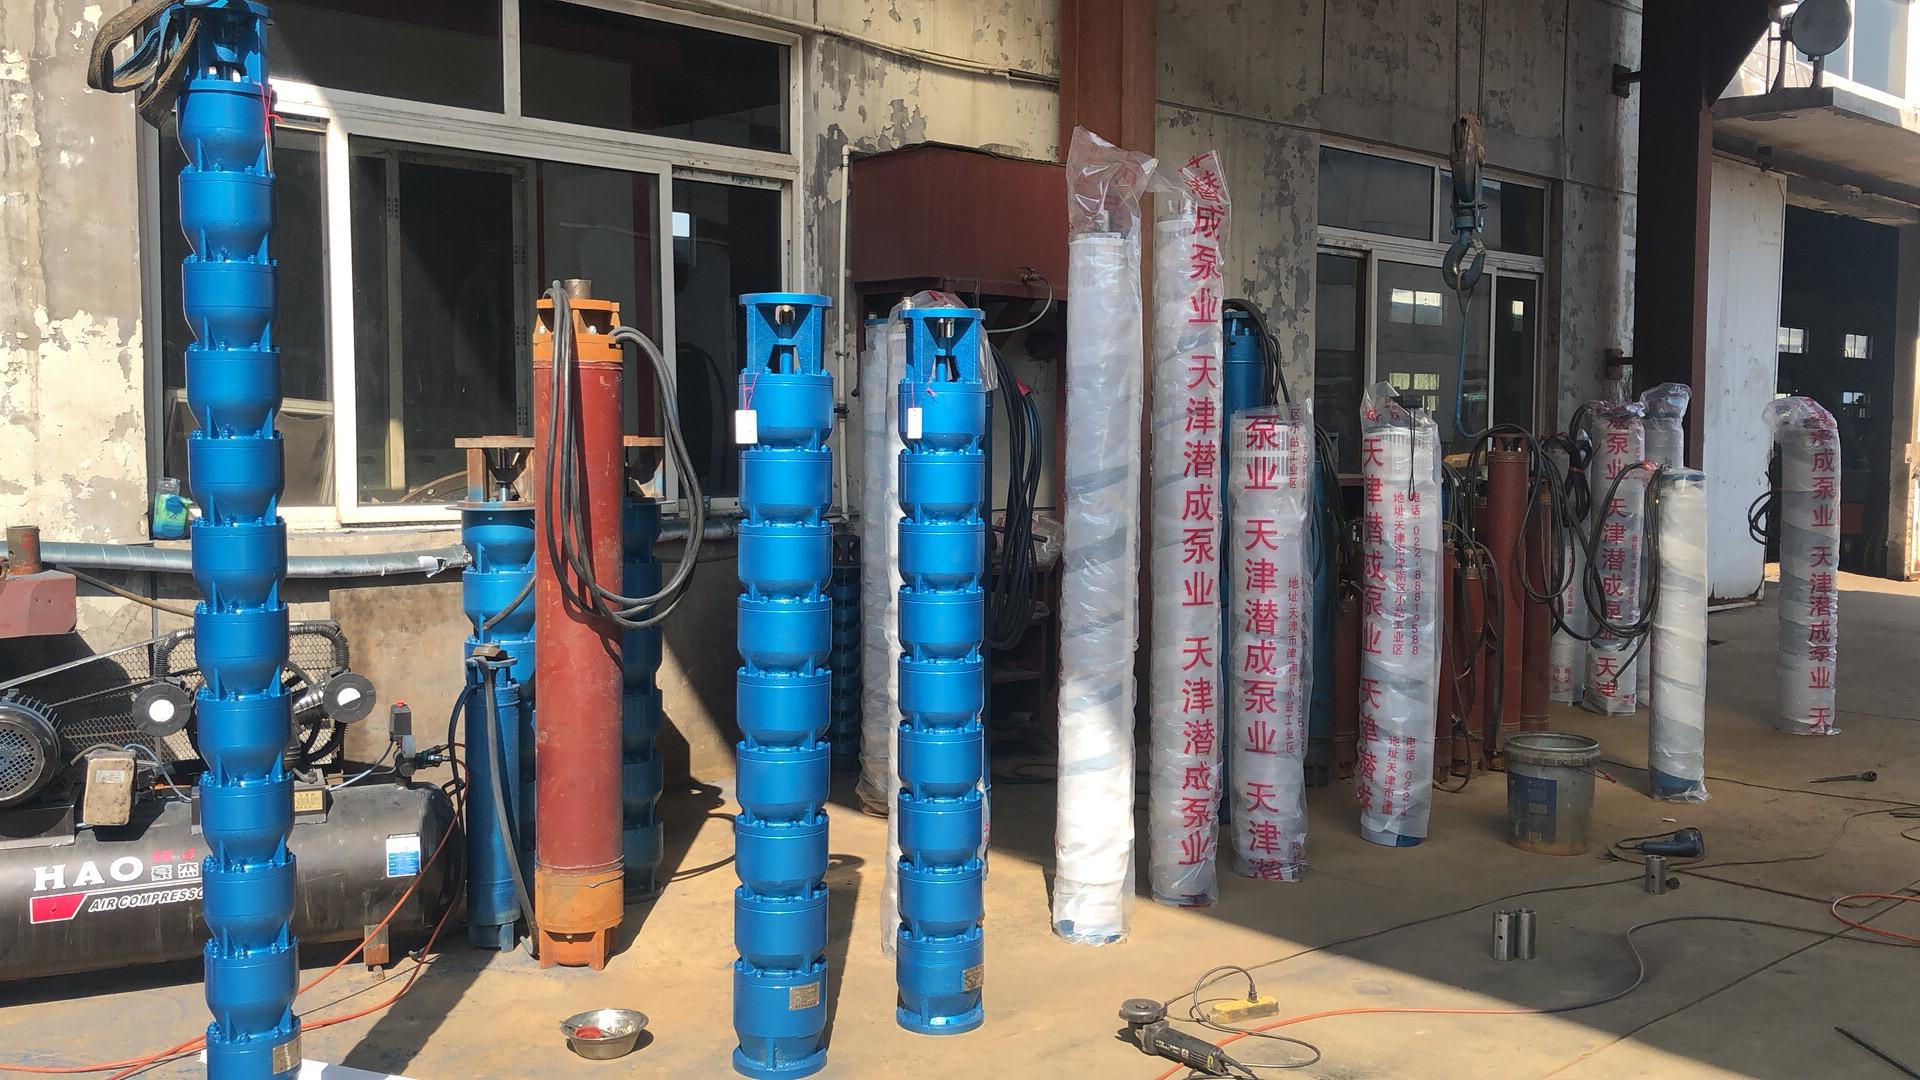 200QJR,250QJR热水深井泵专车送货山东第4张-潜水电机-潜水电泵-高压潜水电机-天津潜成泵业